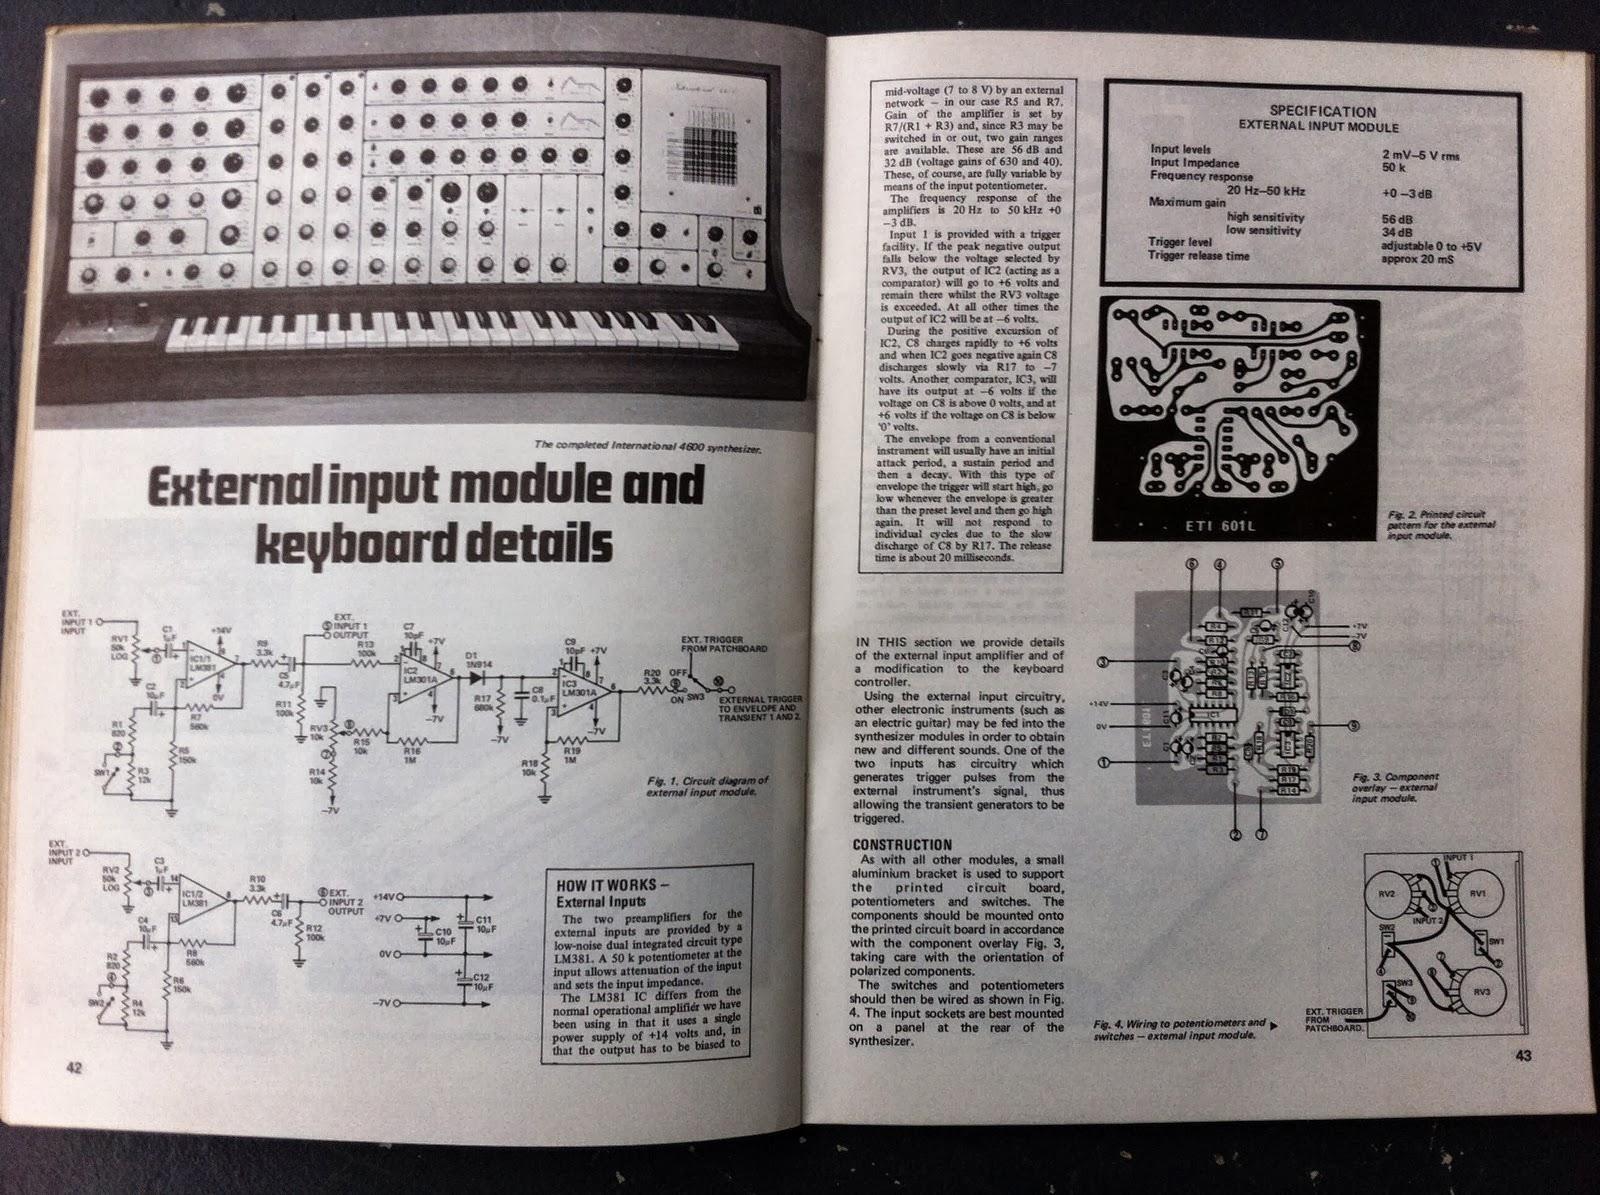 international 4600 schematic diagram